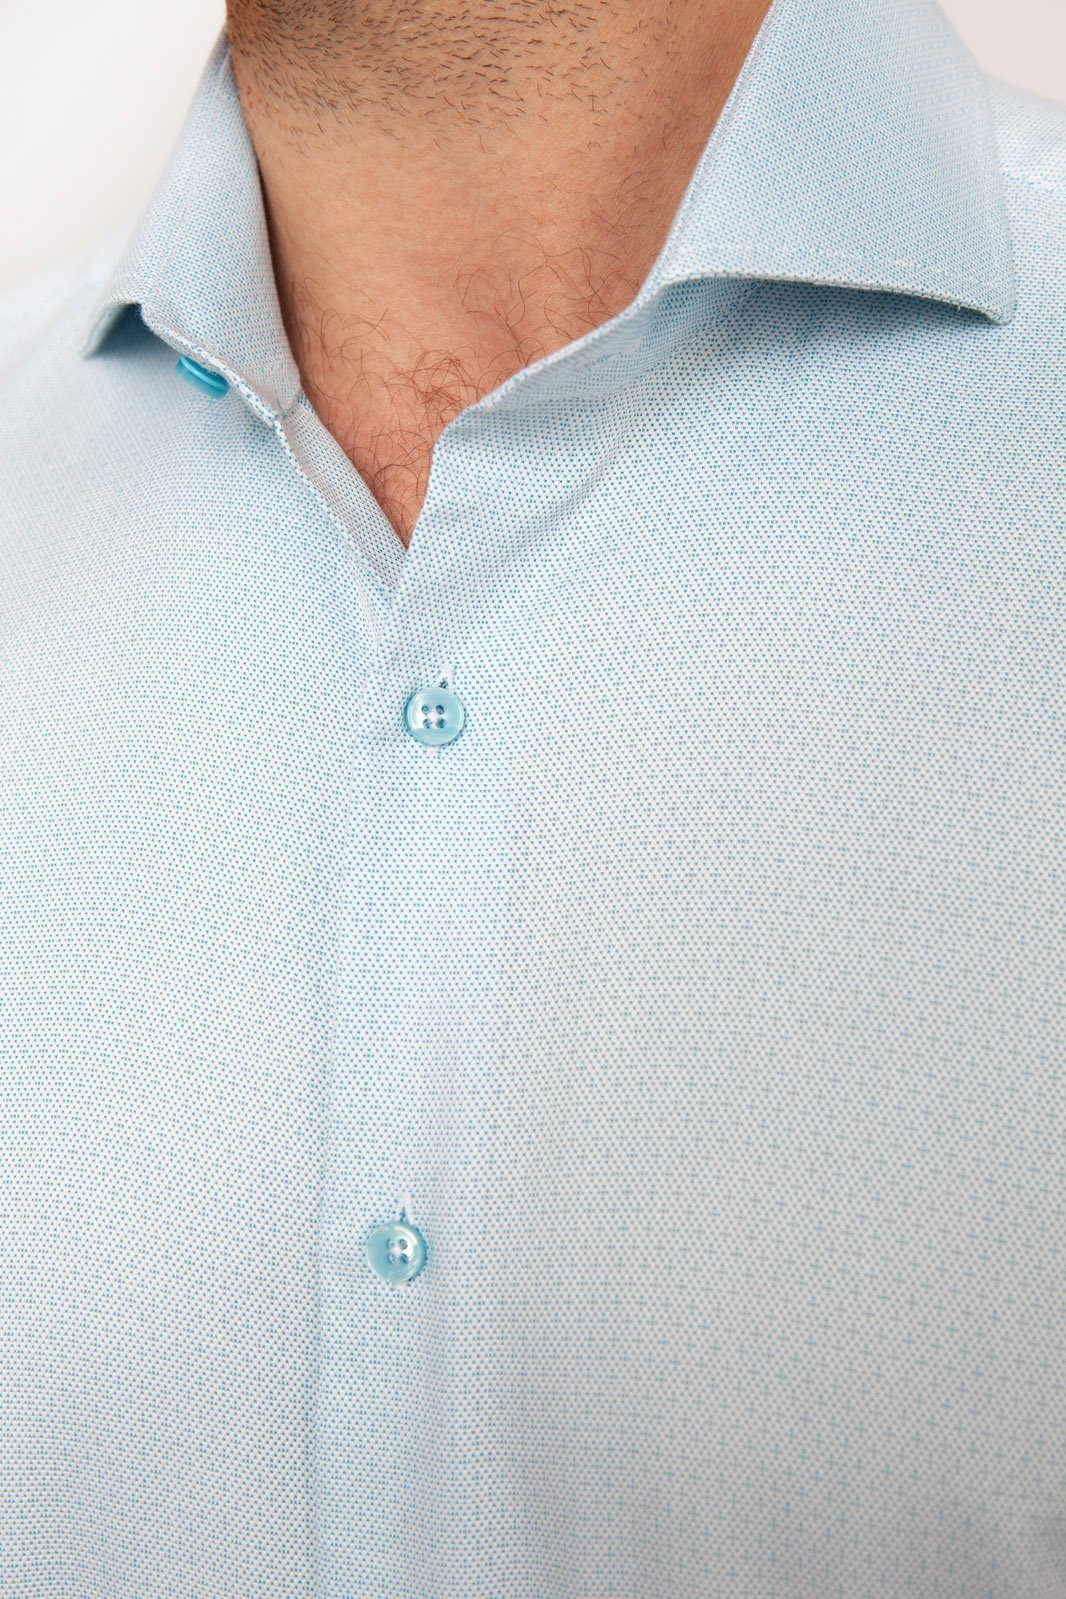 как погладить рубашку с коротким рукавом